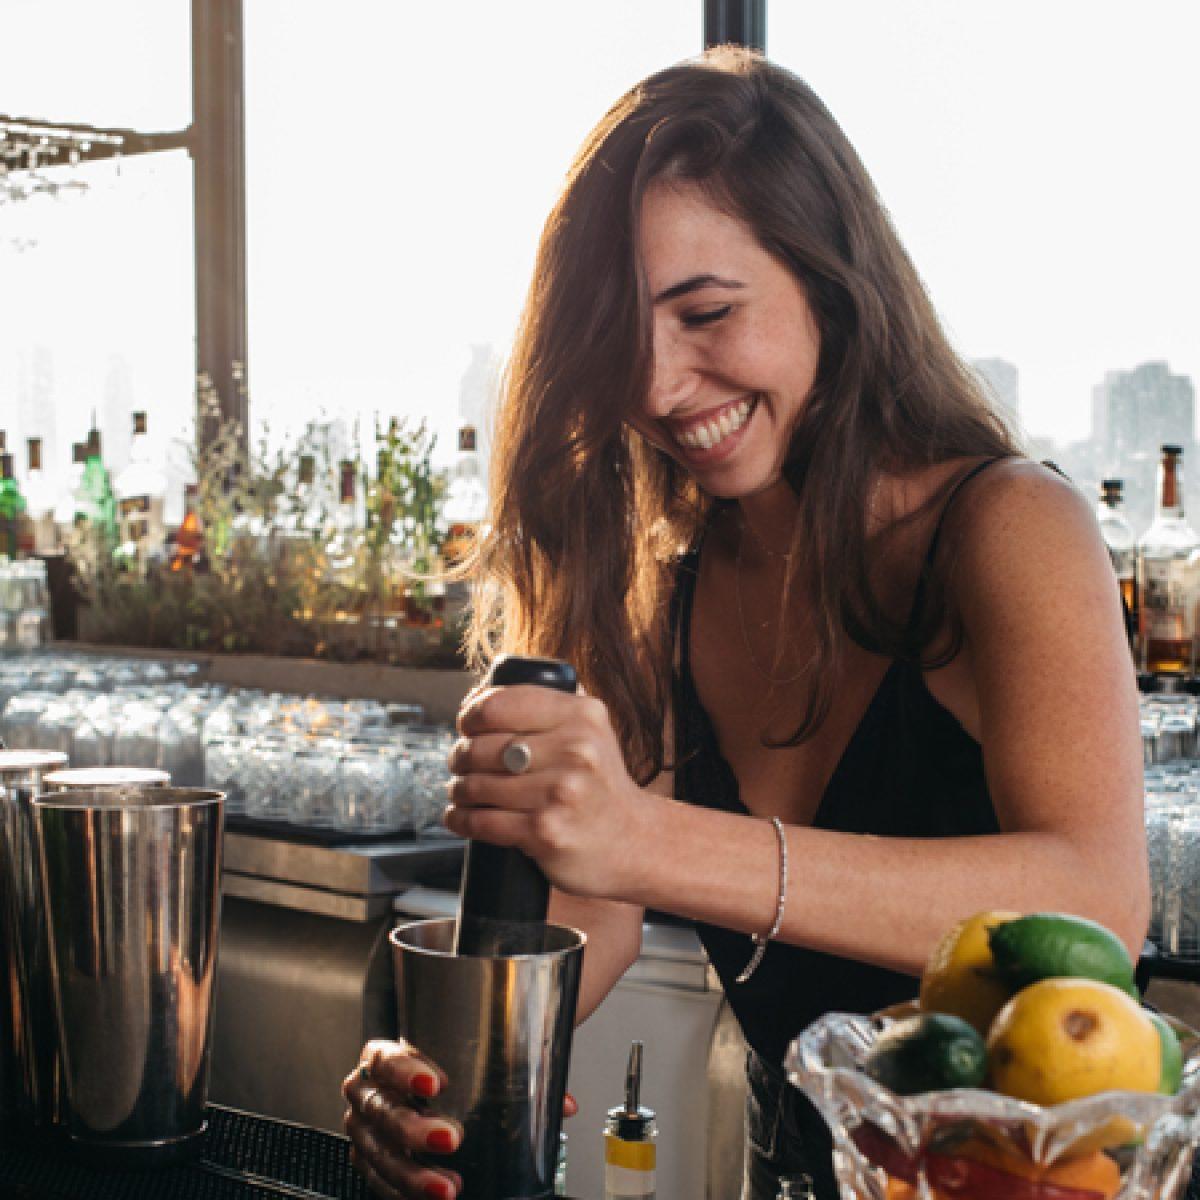 ברמנית מכינה משקה בבר מחוייכת - barwoman preparing a drink at the bar smiling